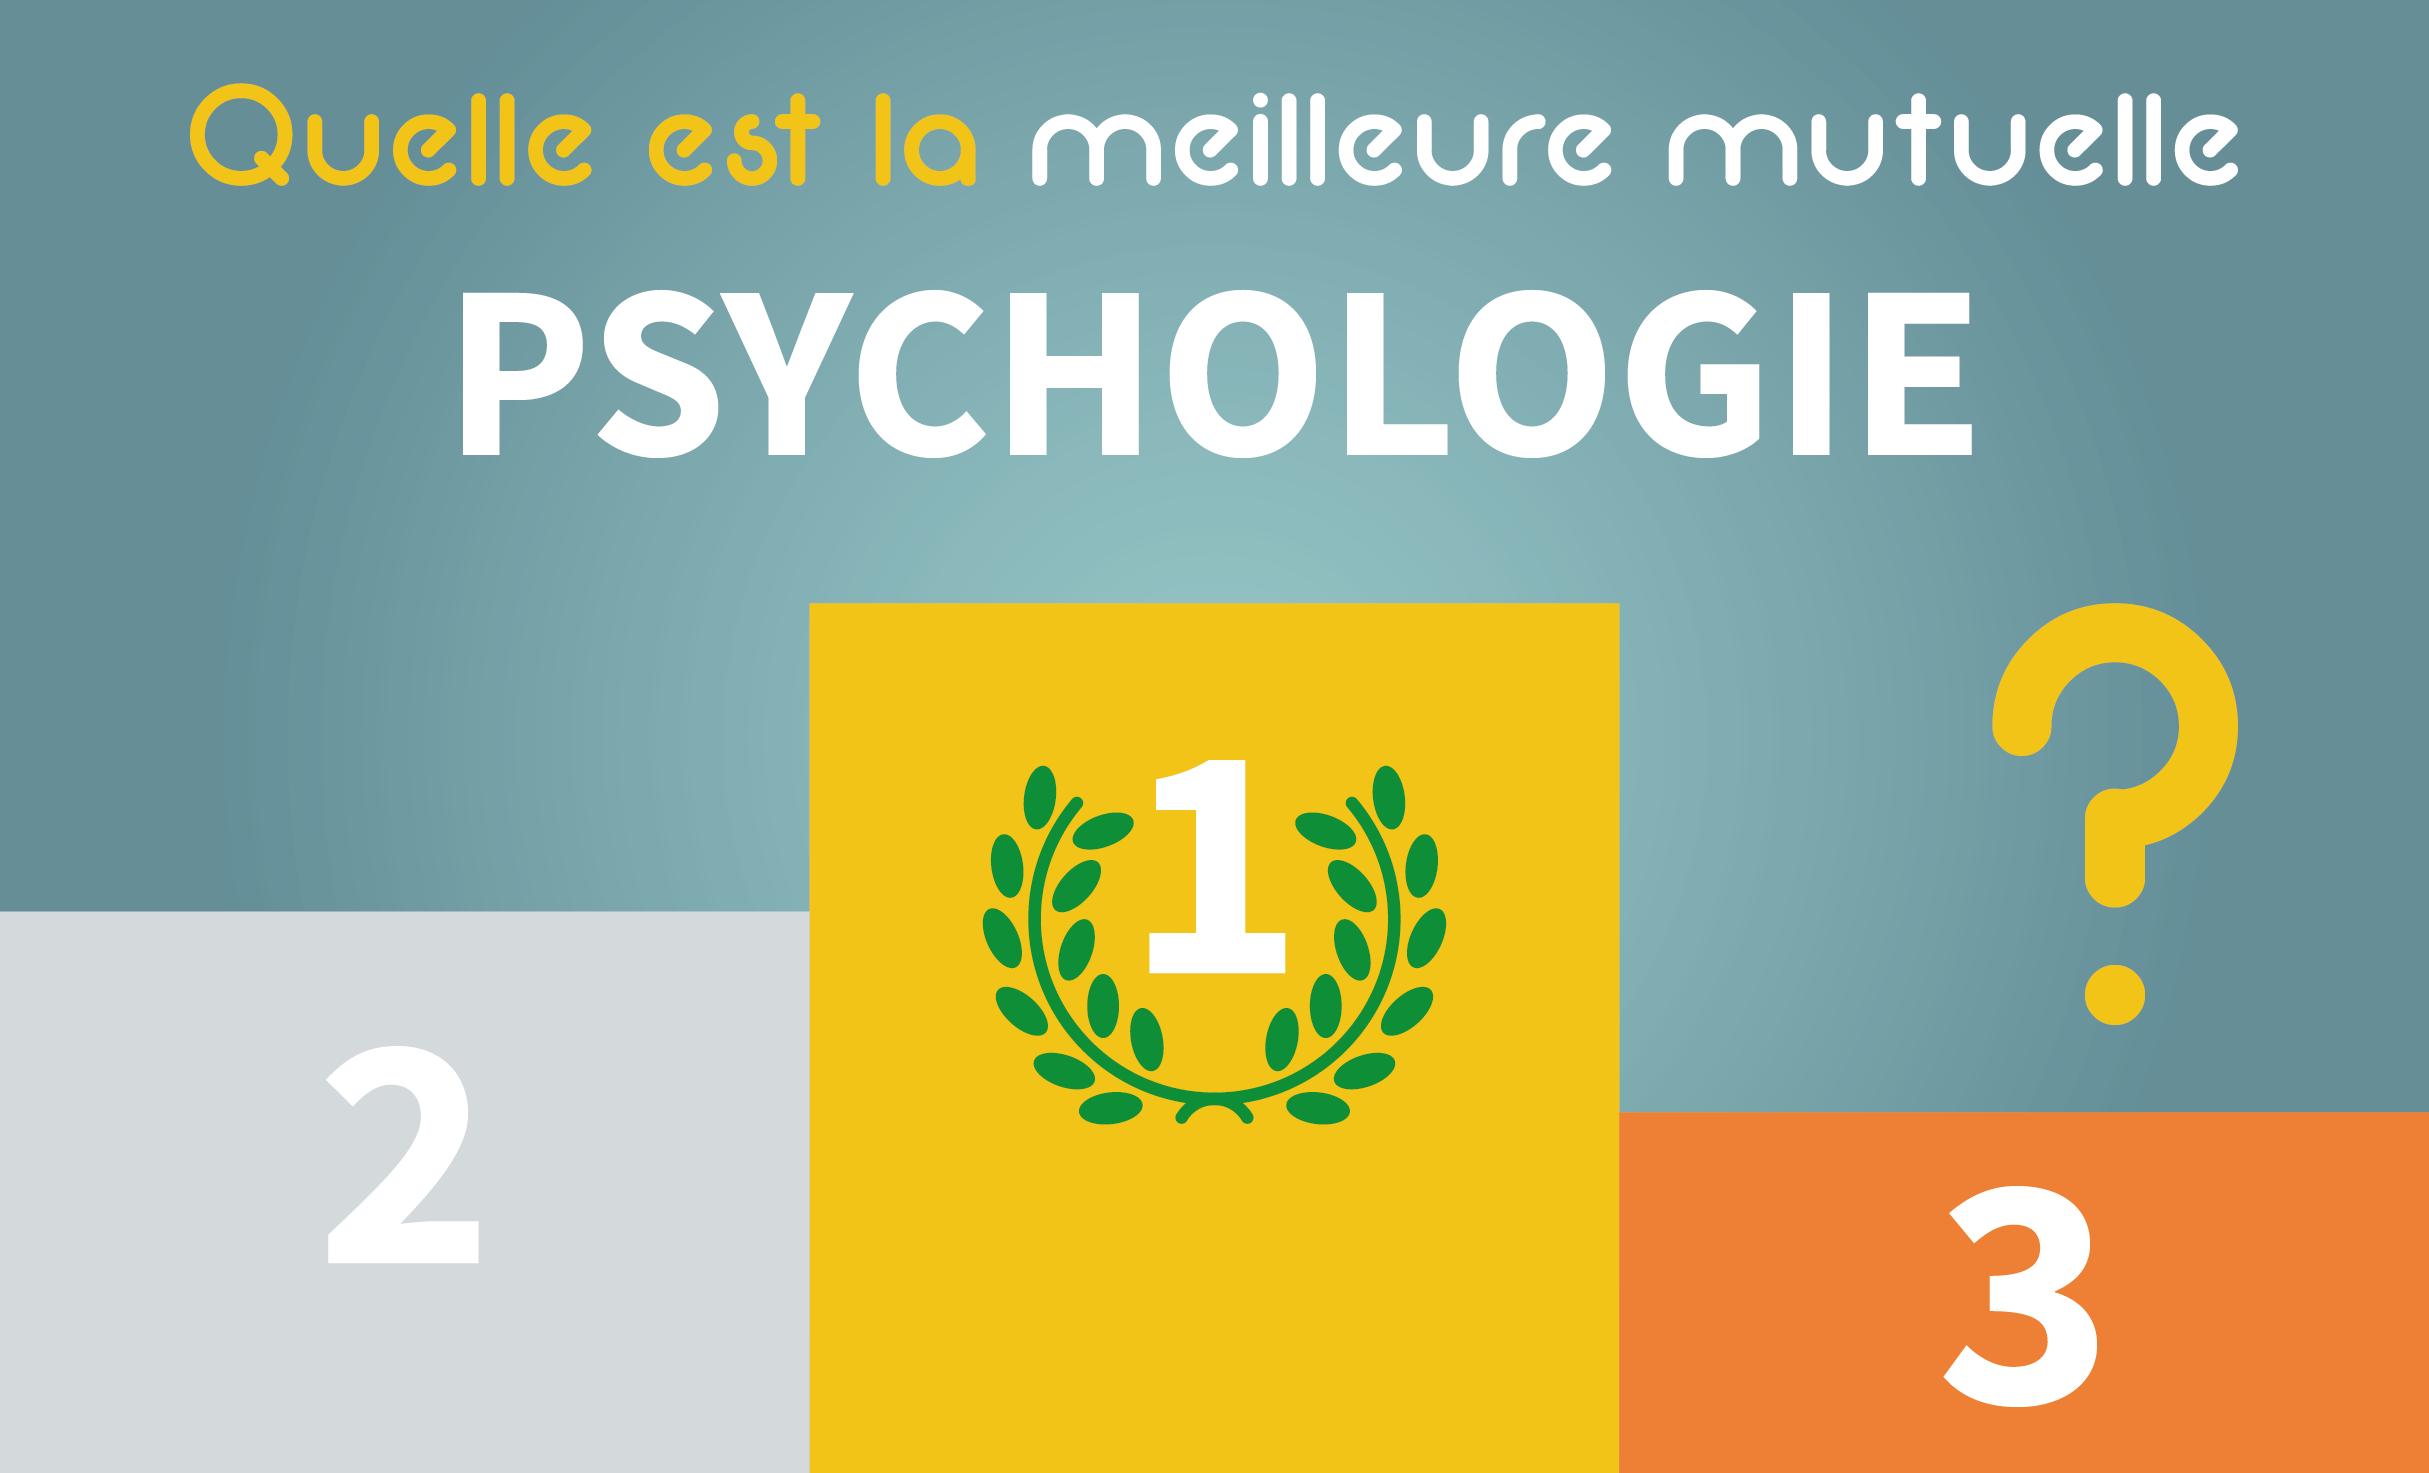 meilleure mutuelle psychologue